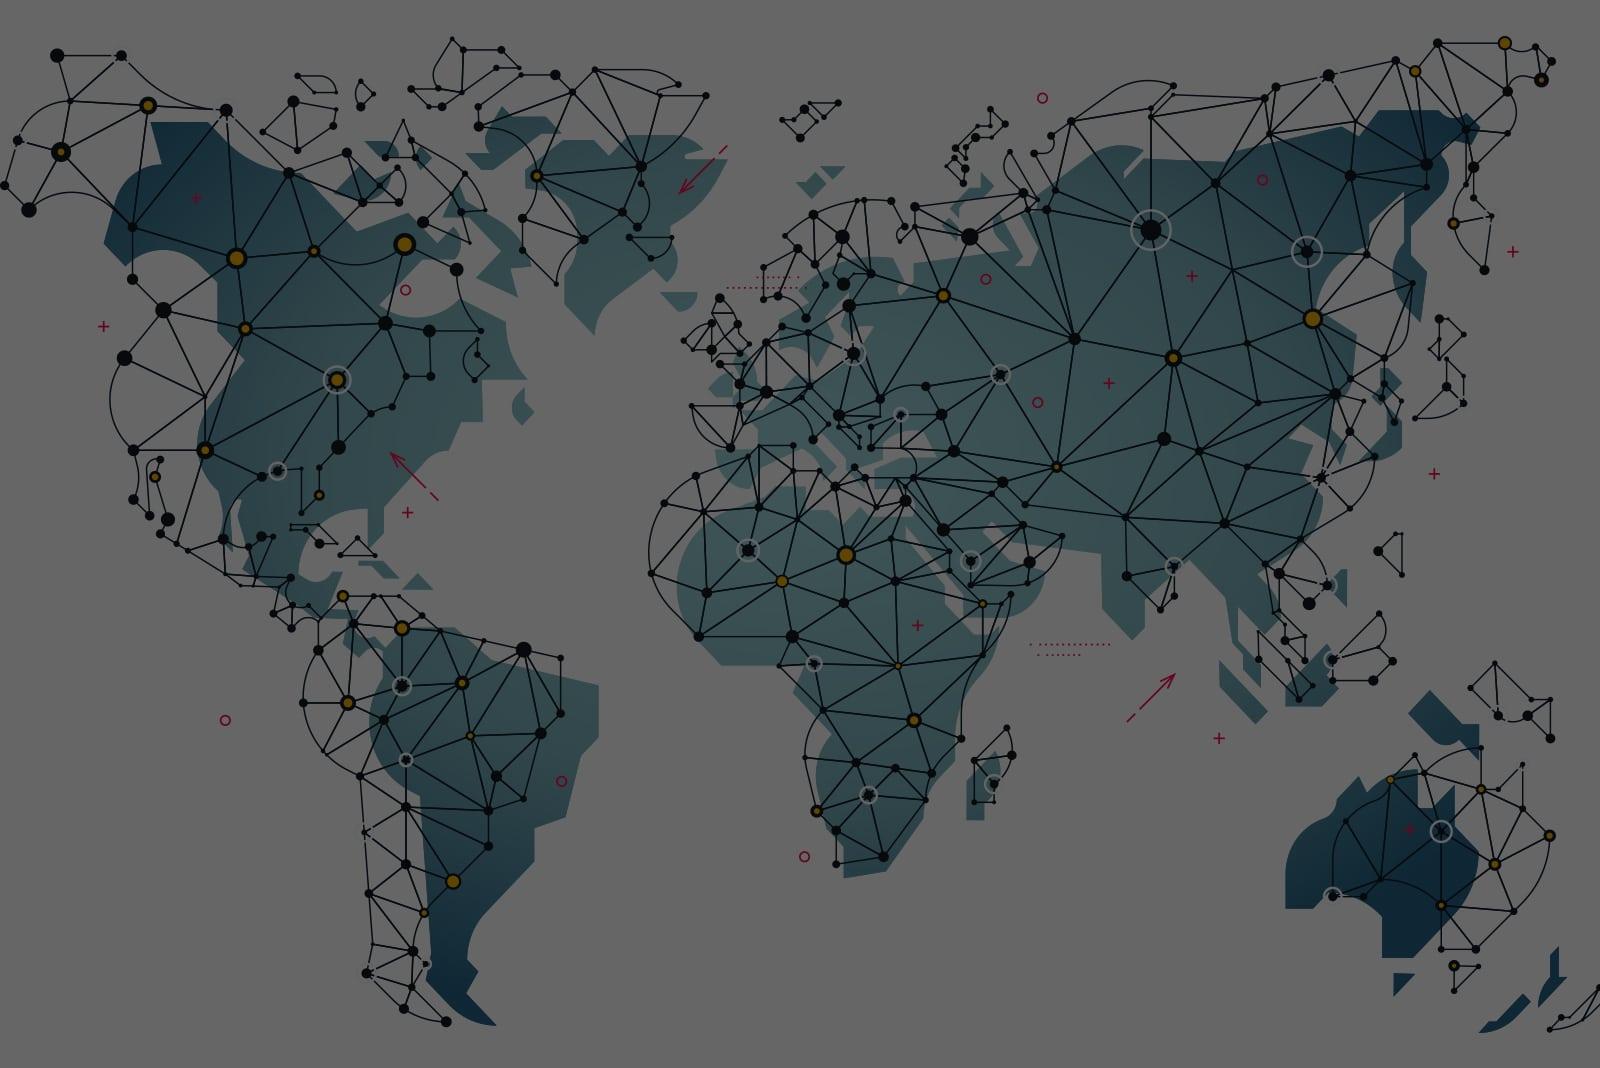 ICHOM Benchmarking Global Image